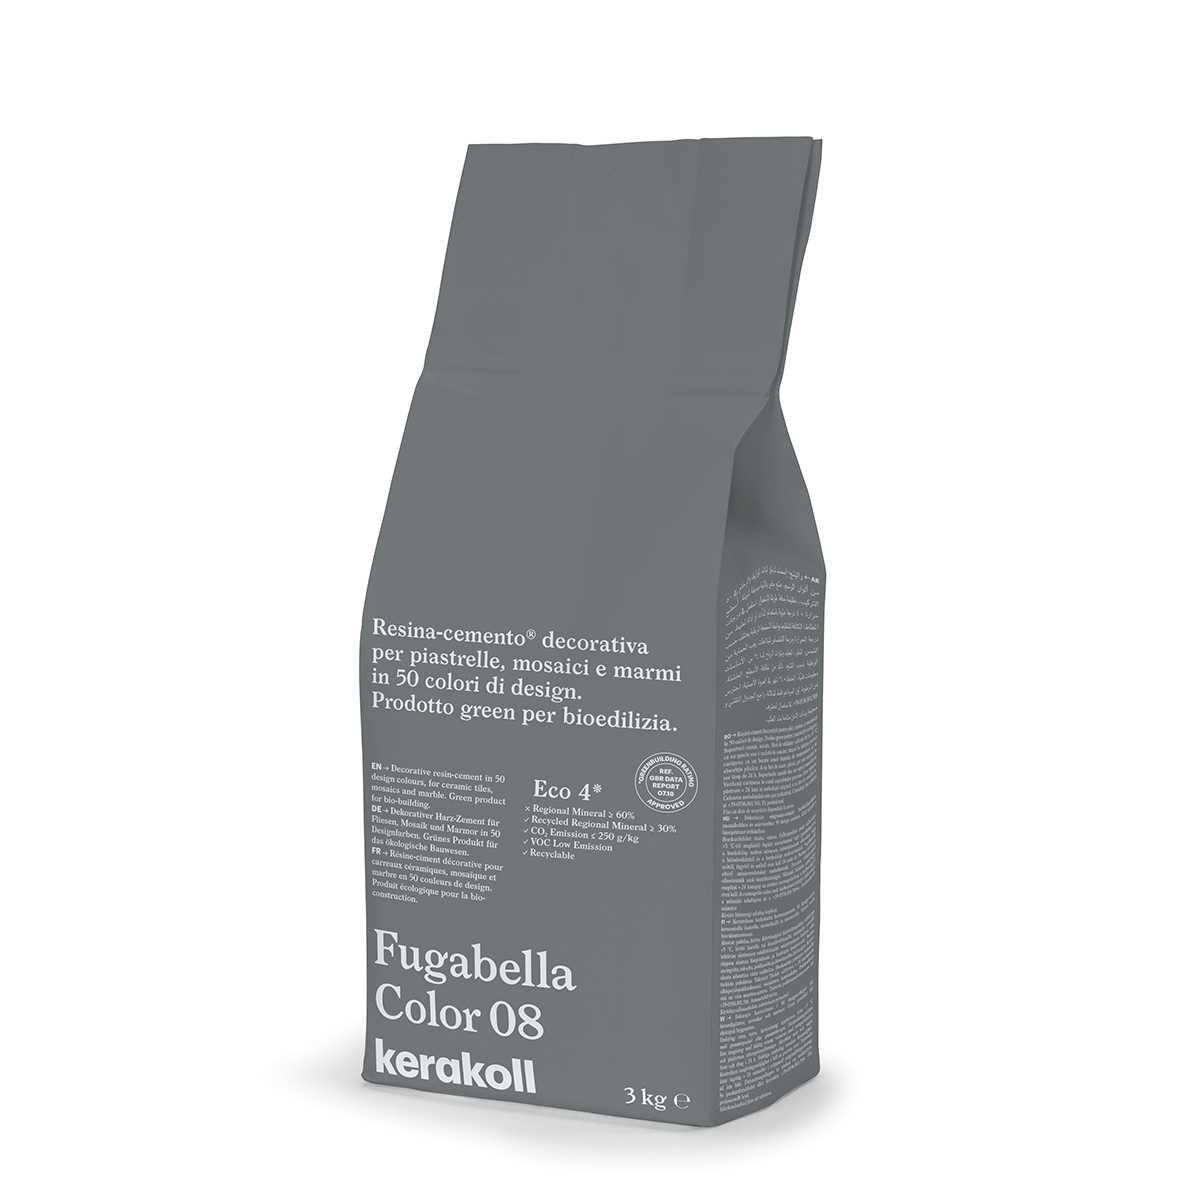 Kerakoll Fugabella Color 08 3kg stucco per fughe uso interno ed esterno